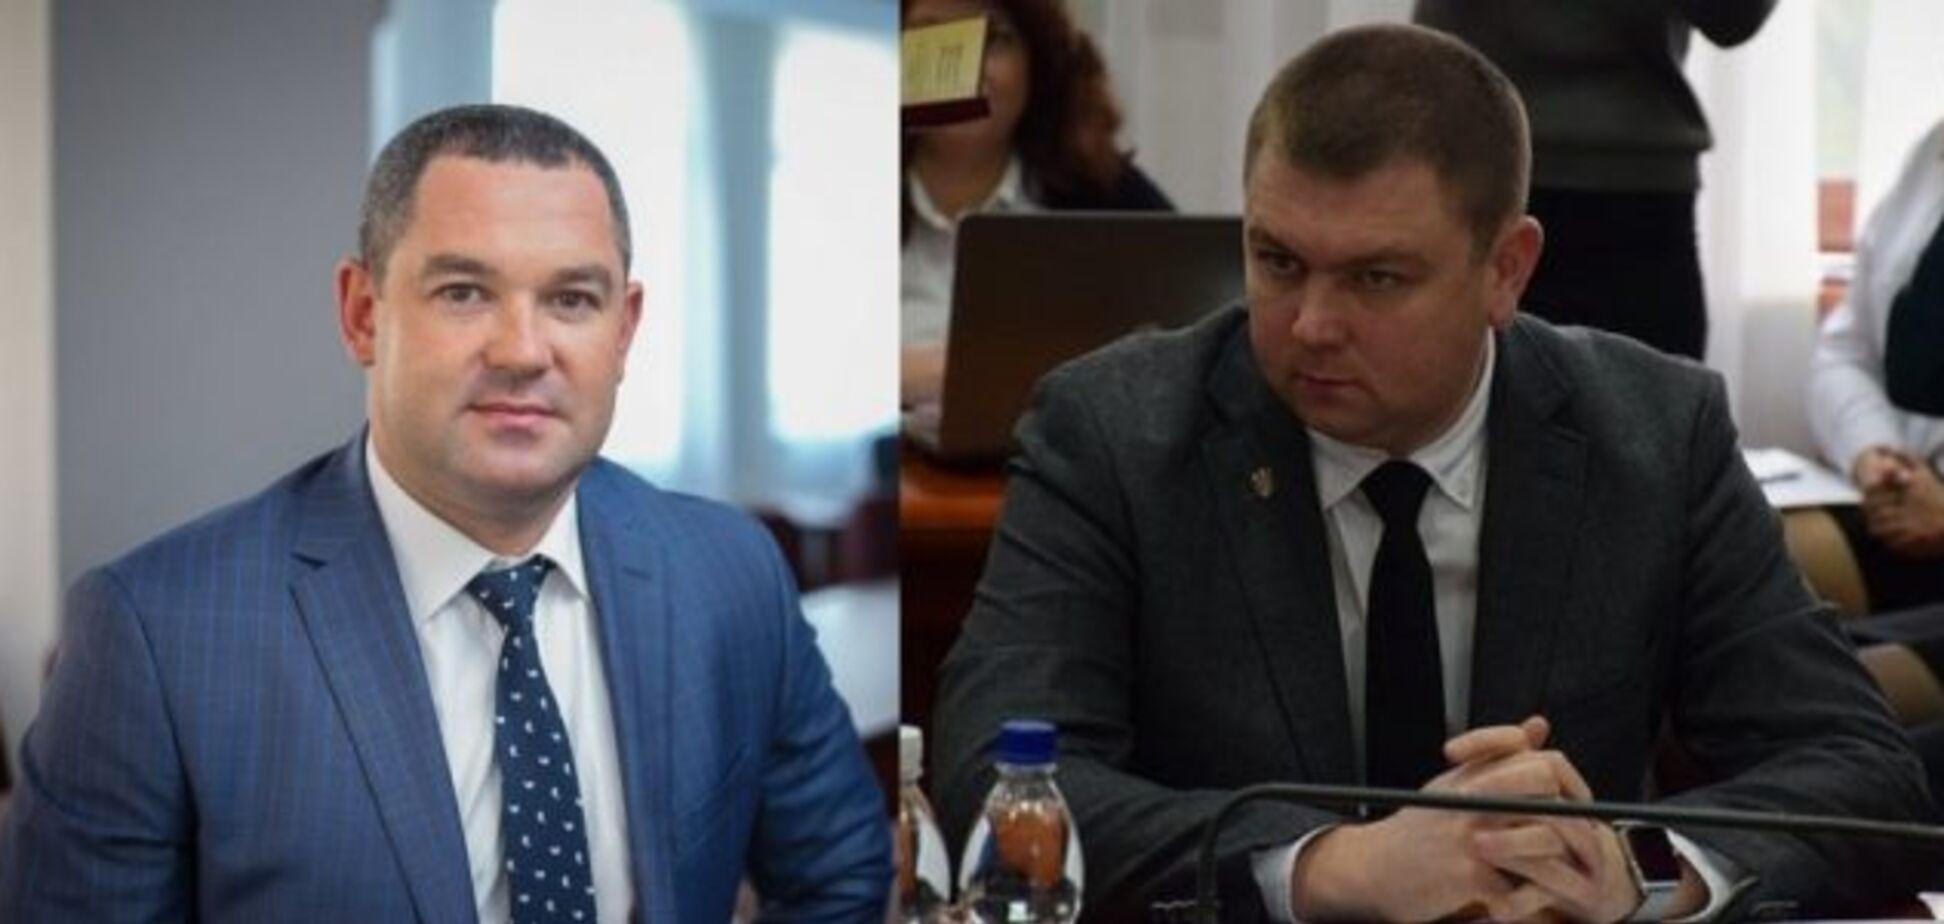 Керівника ДФС Продана звинуватили у перевищенні службових повноважень